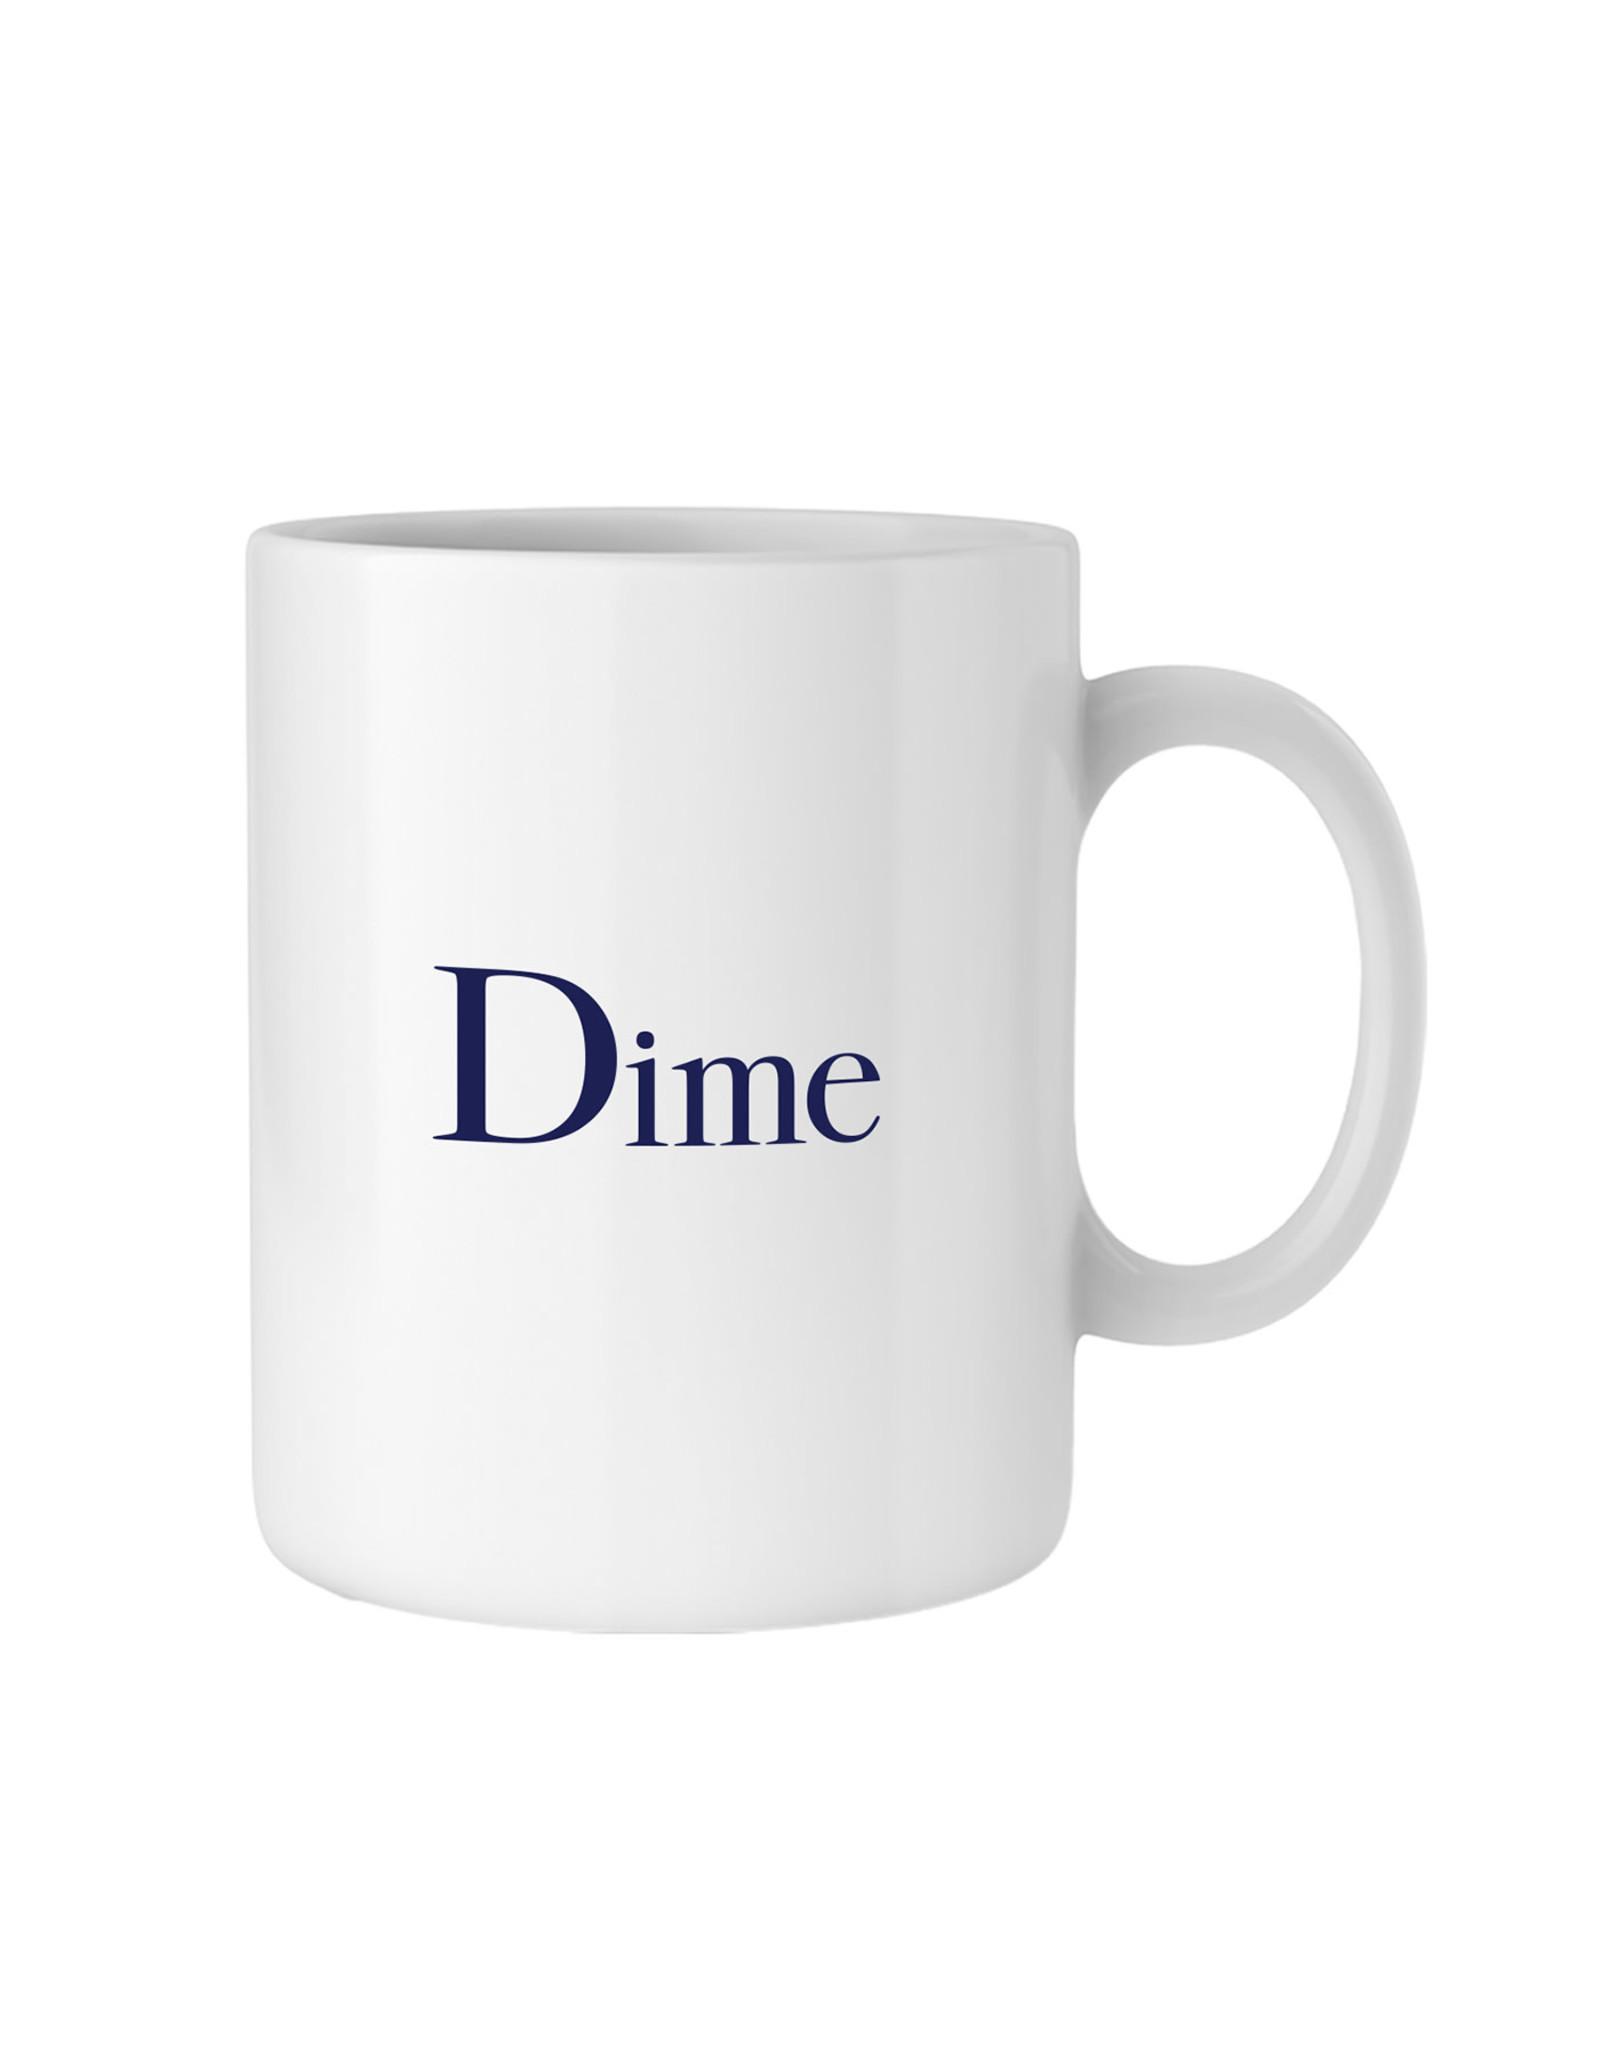 DIME WHITE MUG